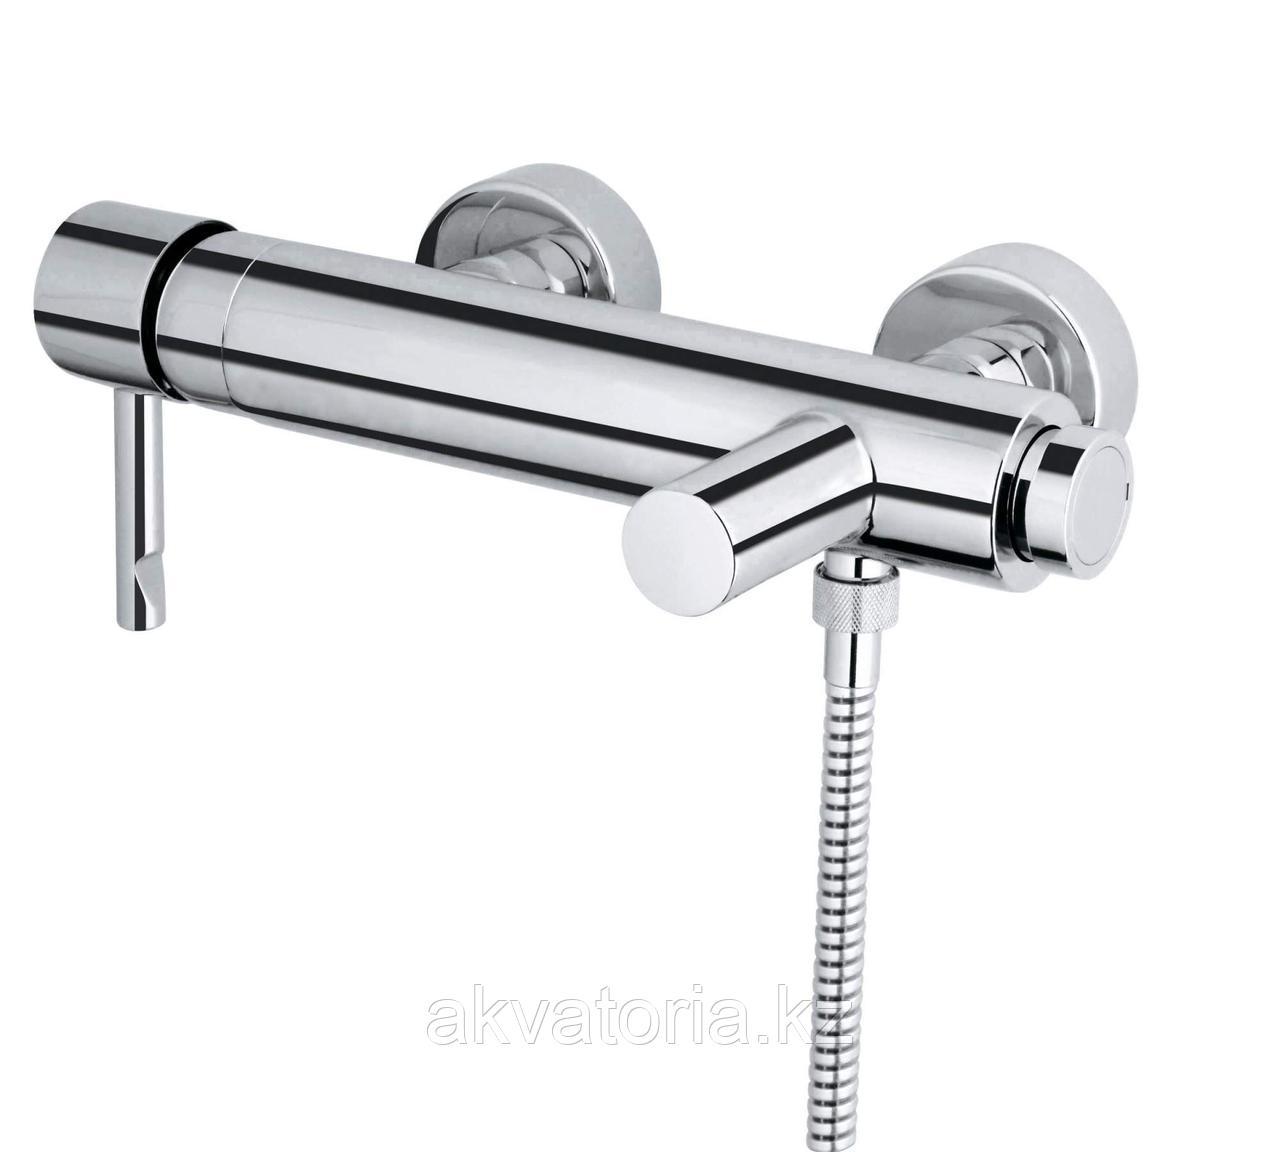 33624001 Смеситель для ванны Essence New OHM